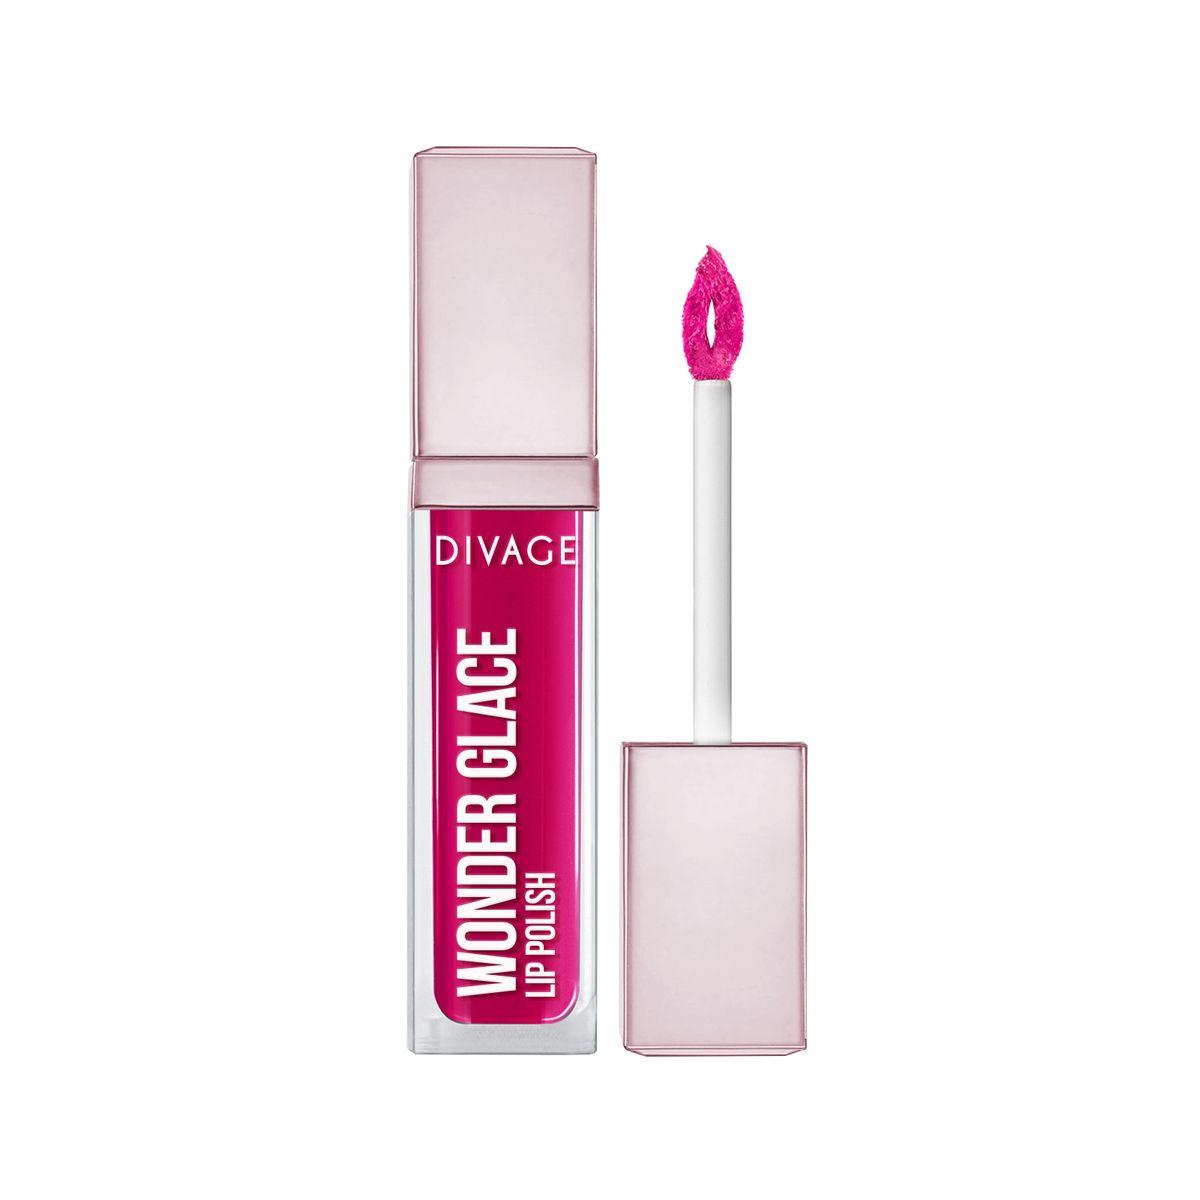 DIVAGE Лак для губ WONDER GLACE, тон № 05, 5 мл009318DIVAGE приготовил для тебя отличный подарок - лак для губ с инновационной формулой, которая придает глубокий и насыщенный цвет. Роскошное глянцевое сияние на твоих губах сделает макияж особенным и неповторимым. 8 самых актуальных оттенков, чтобы ты могла выглядеть ярко и привлекательно в любой ситуации. Особая форма аппликатора позволяет идеально прокрашивать губы и делает нанесение более комфортным. Лак не только смотрится ярко, но и увлажняет и защищает твои губы. Будь самой неповторимой этой весной и восхищай всех роскошным блеском и невероятно насыщенным цветом с лаком для губ «WONDER GLACE» от DIVAGE!